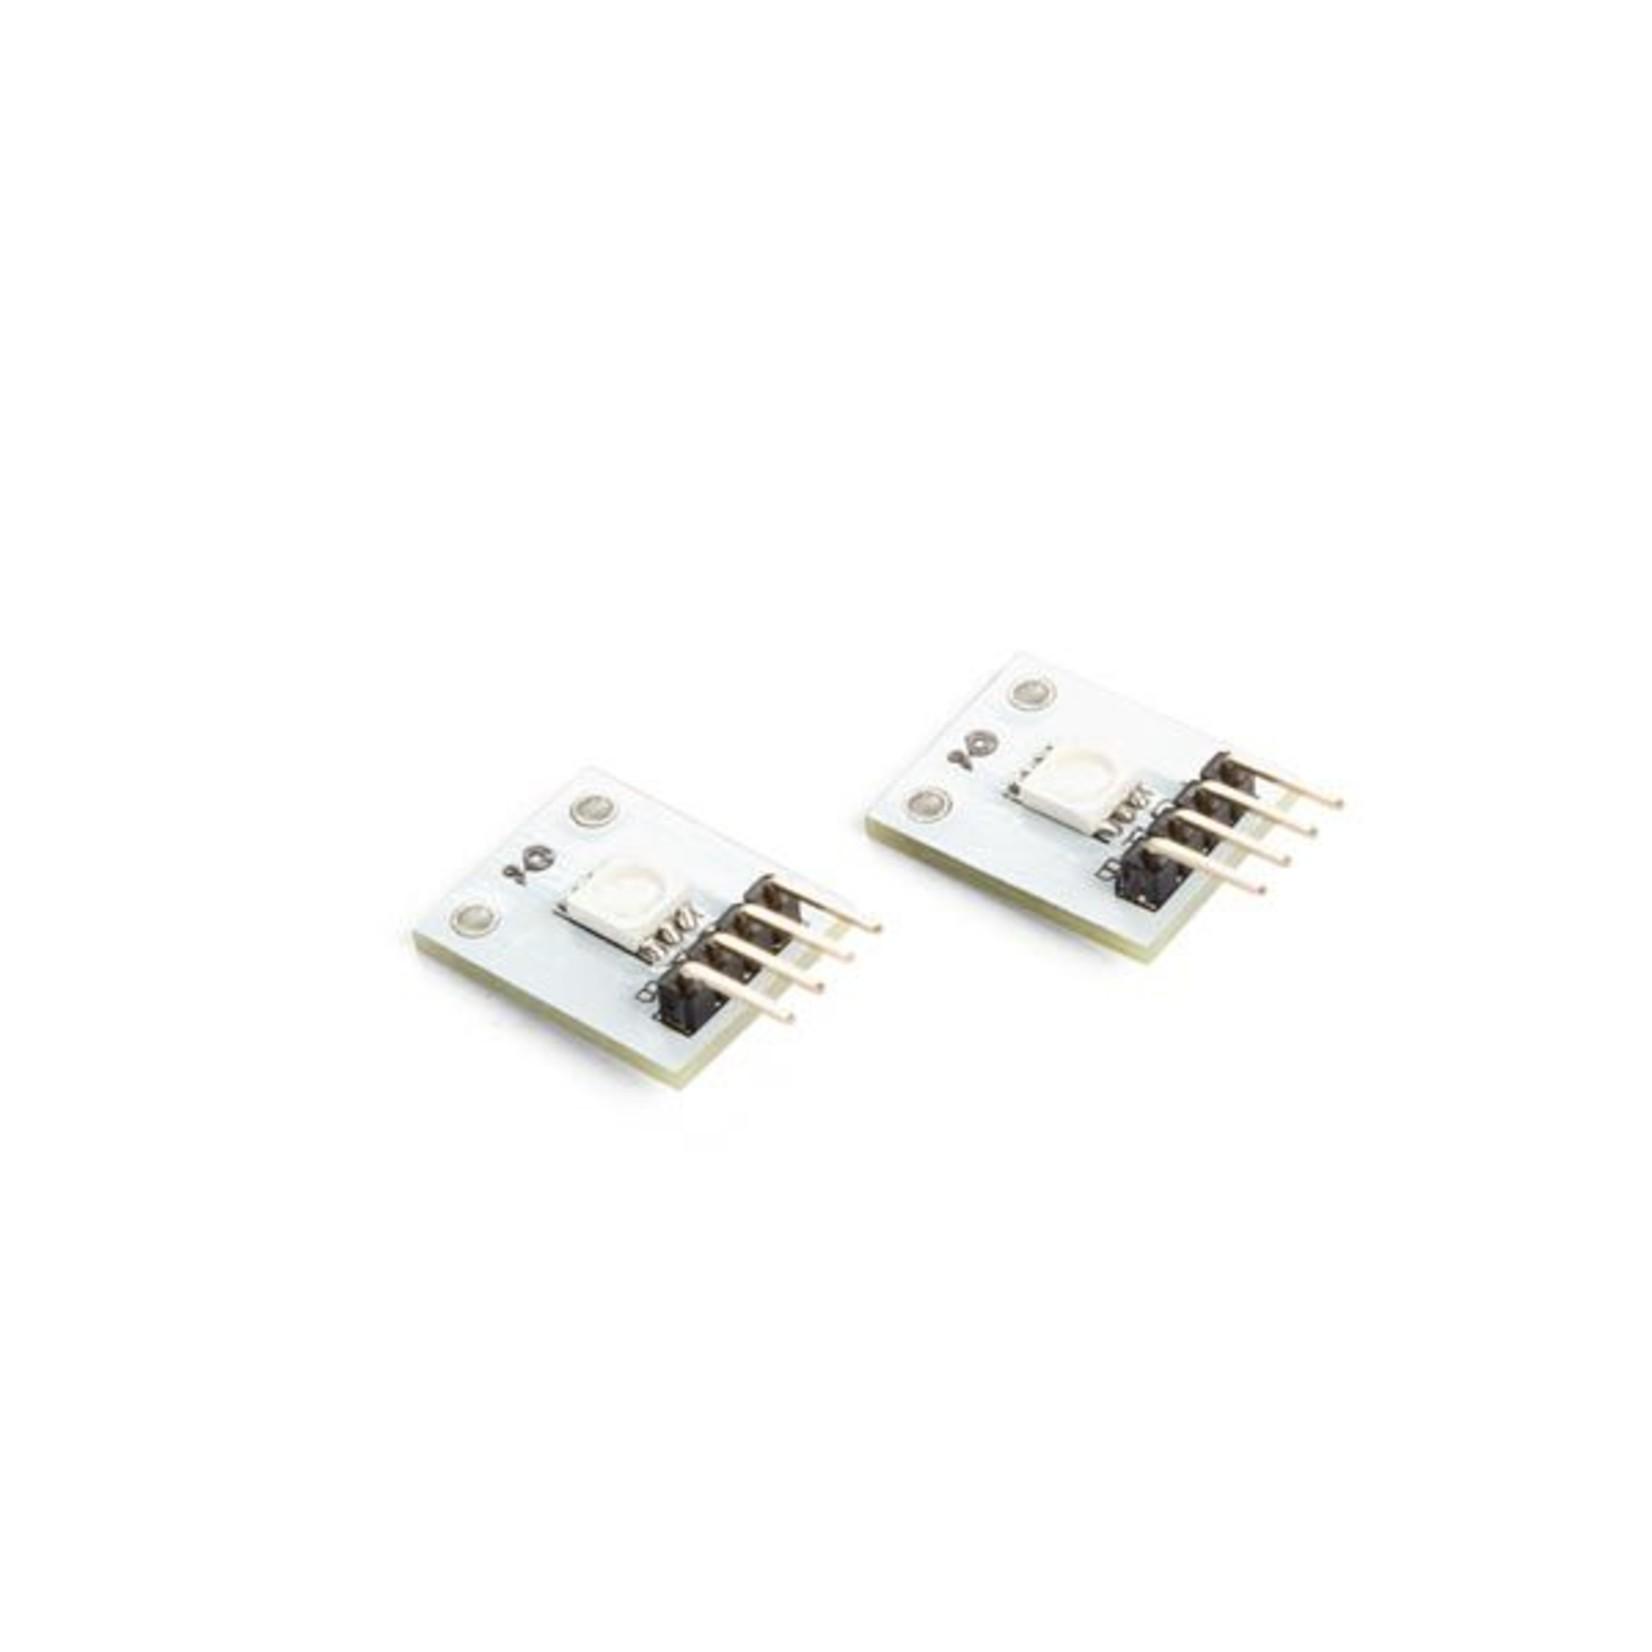 Velleman ARDUINO® compatible RGB SMD LED module 3 COLORS (2 pcs.)